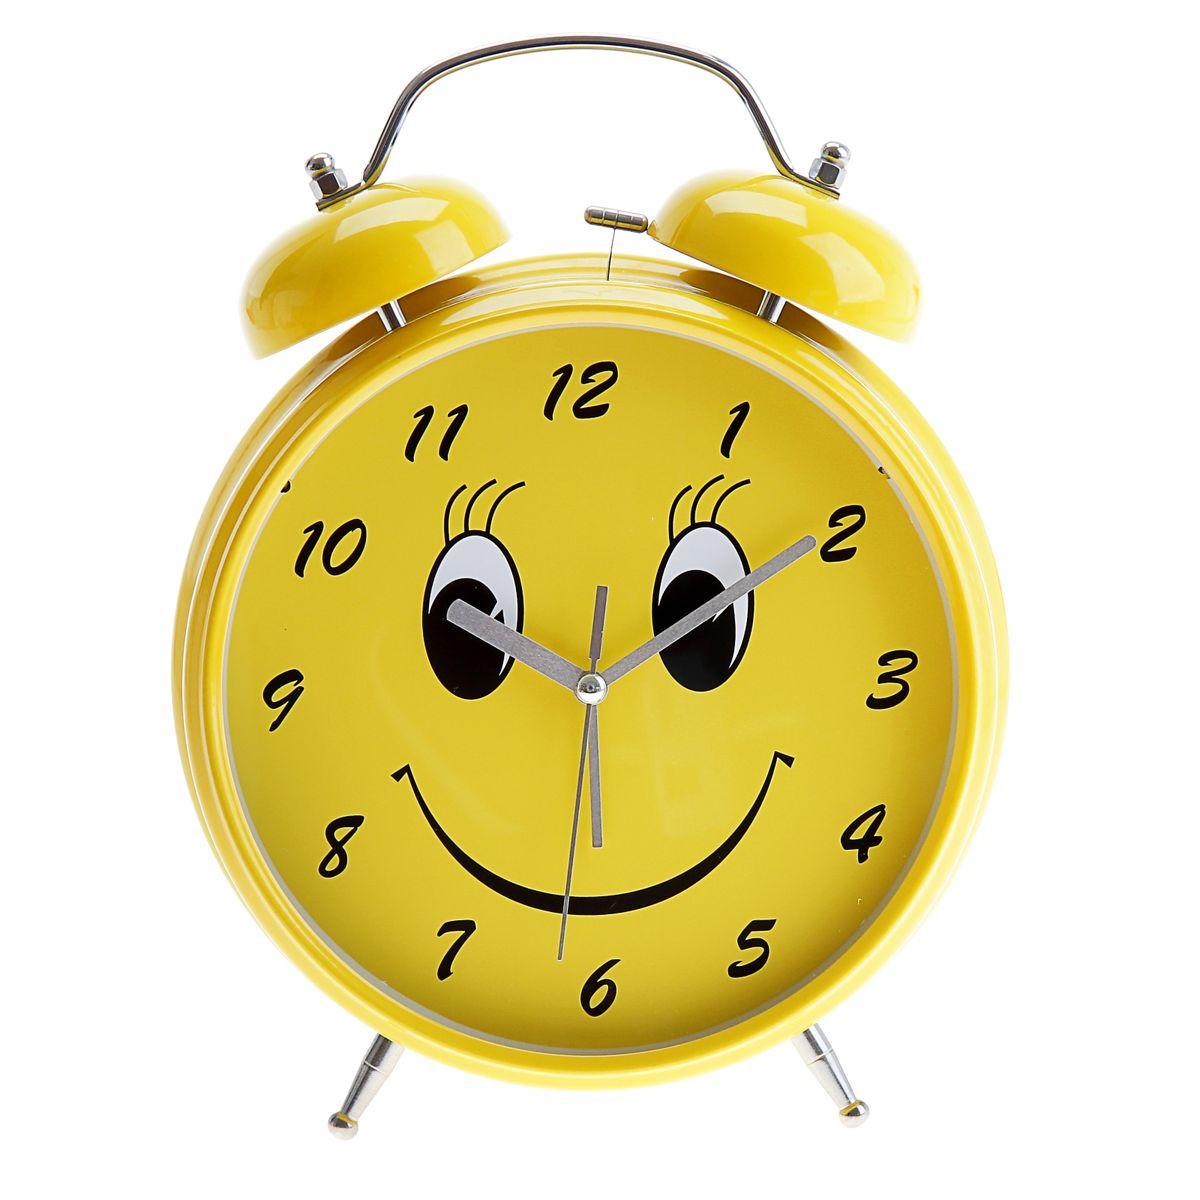 Часы-будильник Sima-land Смайл, цвет: желтый, диаметр 20 см556727Часы-будильник Sima-land Смайл - это невероятных размеров устройство, созданное специально для тех, кто с трудом просыпается по утрам! Изделие обладает ярким интересным дизайном в виде смайла на циферблате. Такой будильник станет изюминкой вашего интерьера. Будильник работает от 3 батареек типа АА 1,5 В (в комплект не входят). На задней панели будильника расположены переключатель включения/выключения механизма, два поворотных рычага для настройки текущего времени и установки будильника, а также кнопка для включения подсветки циферблата. Диаметр циферблата: 20 см.